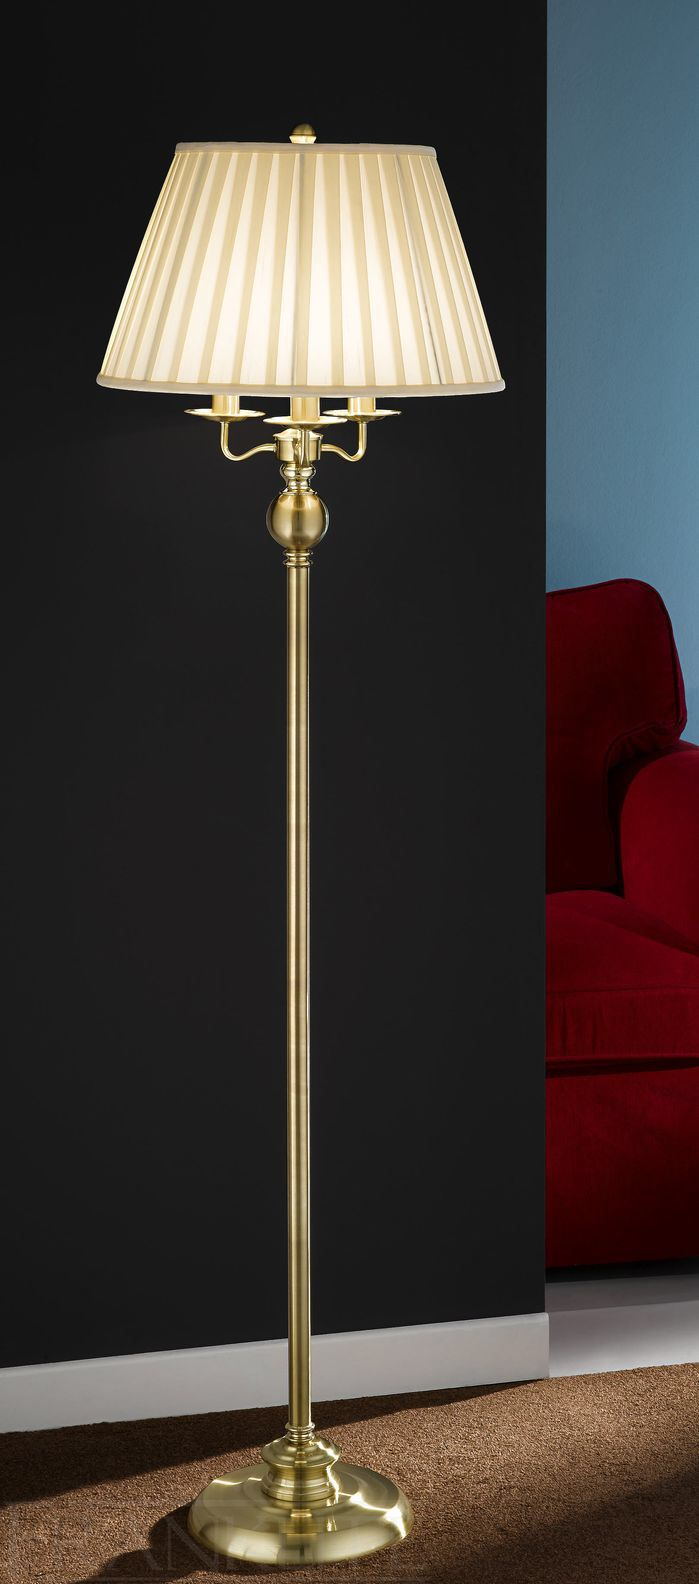 Buy vancouver expressions linen mirror rectangular online cfs uk - 157cm Floor Lamp